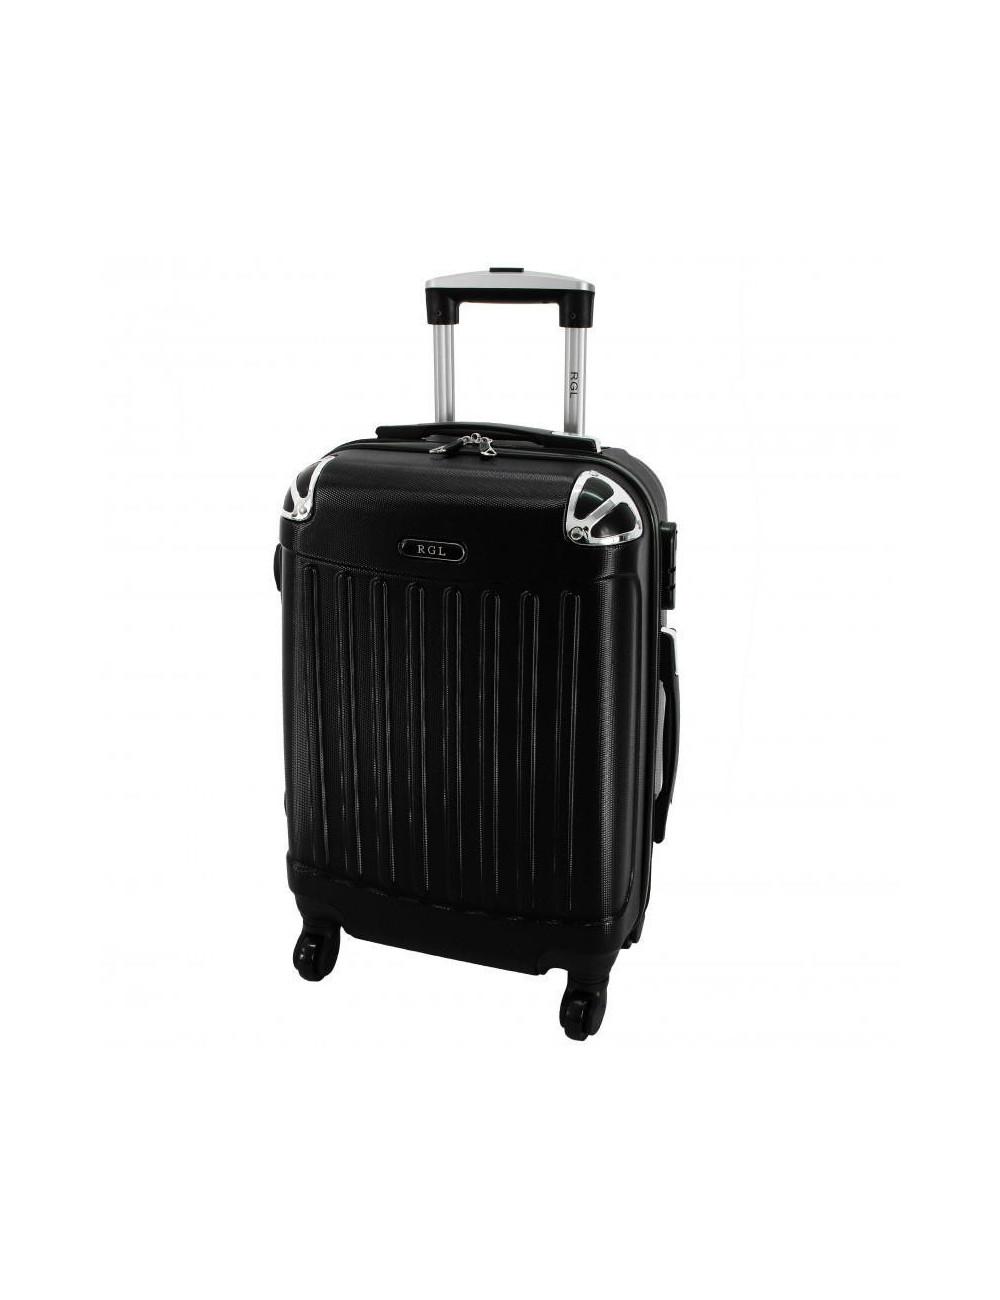 5357e09943015 Duża walizka podróżna 735 RGL - hurtowniawalizek.pl